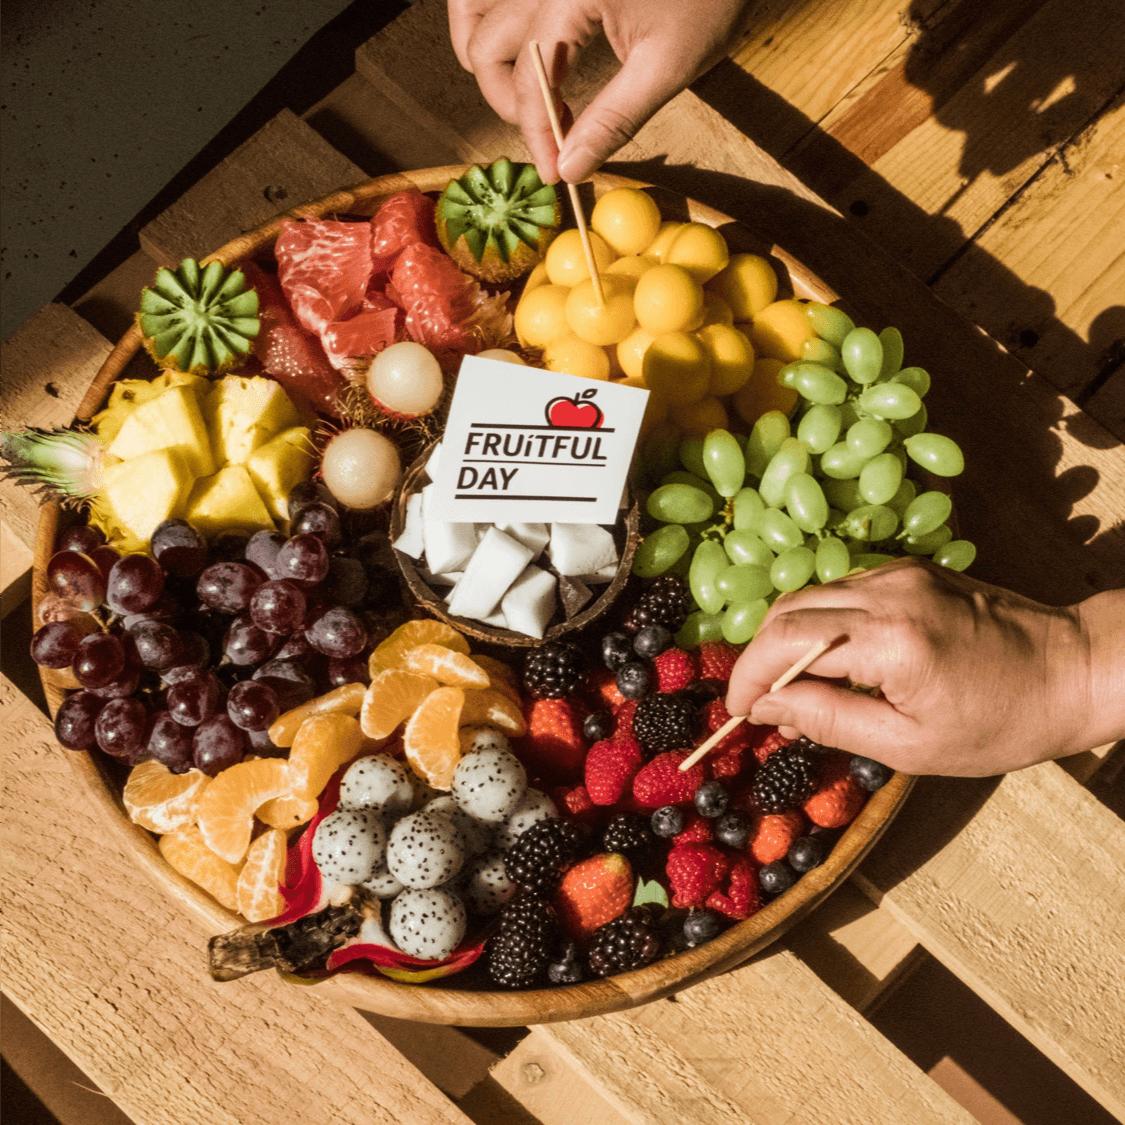 Fruitful Day Fruit Platter